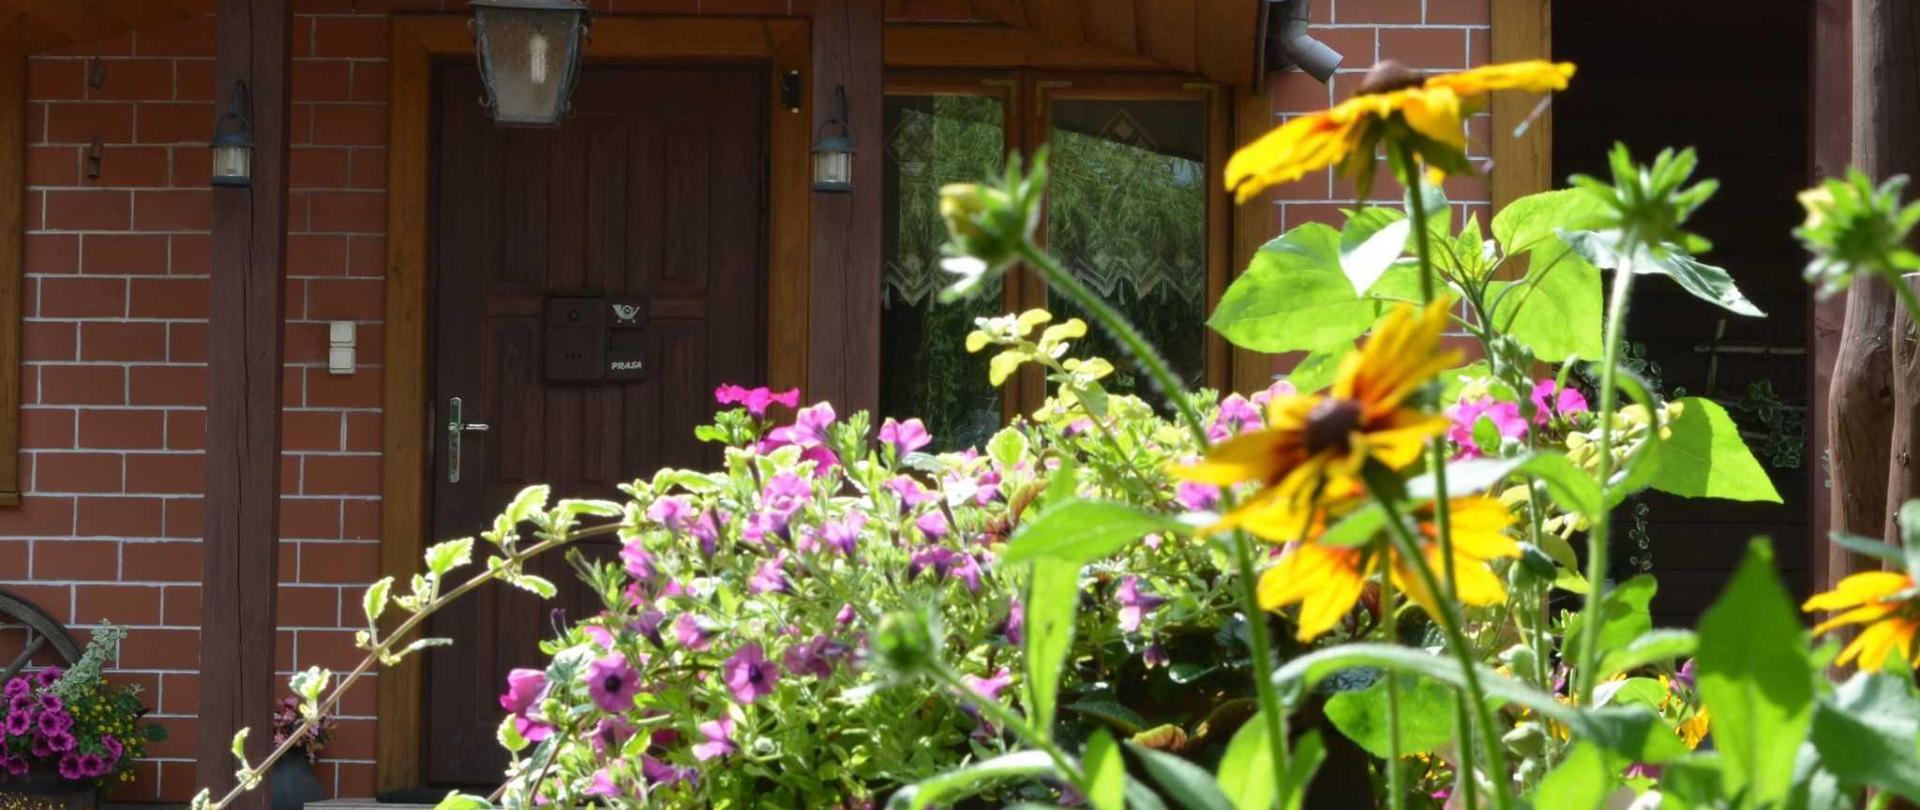 Kwiaty przed domem.JPG